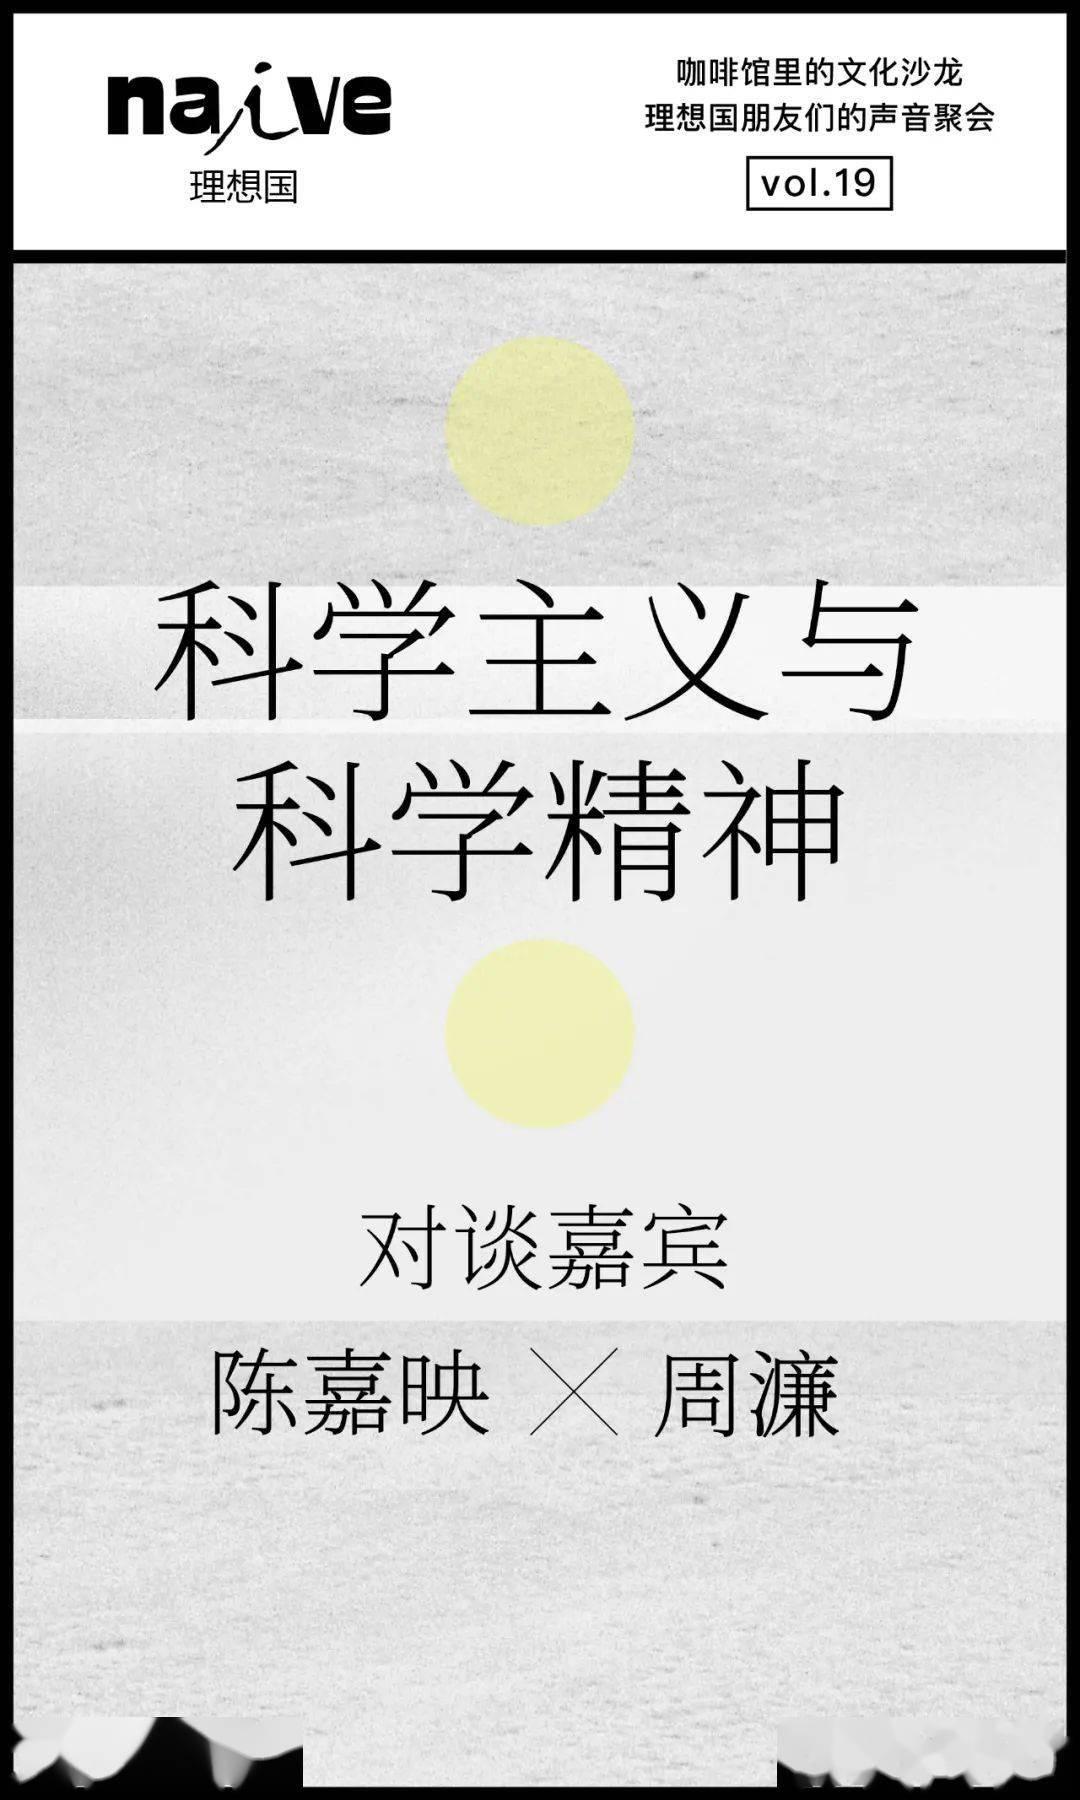 陈嘉映x周濂:科学能解答良好生活、正义社会、自由意志的问题吗?